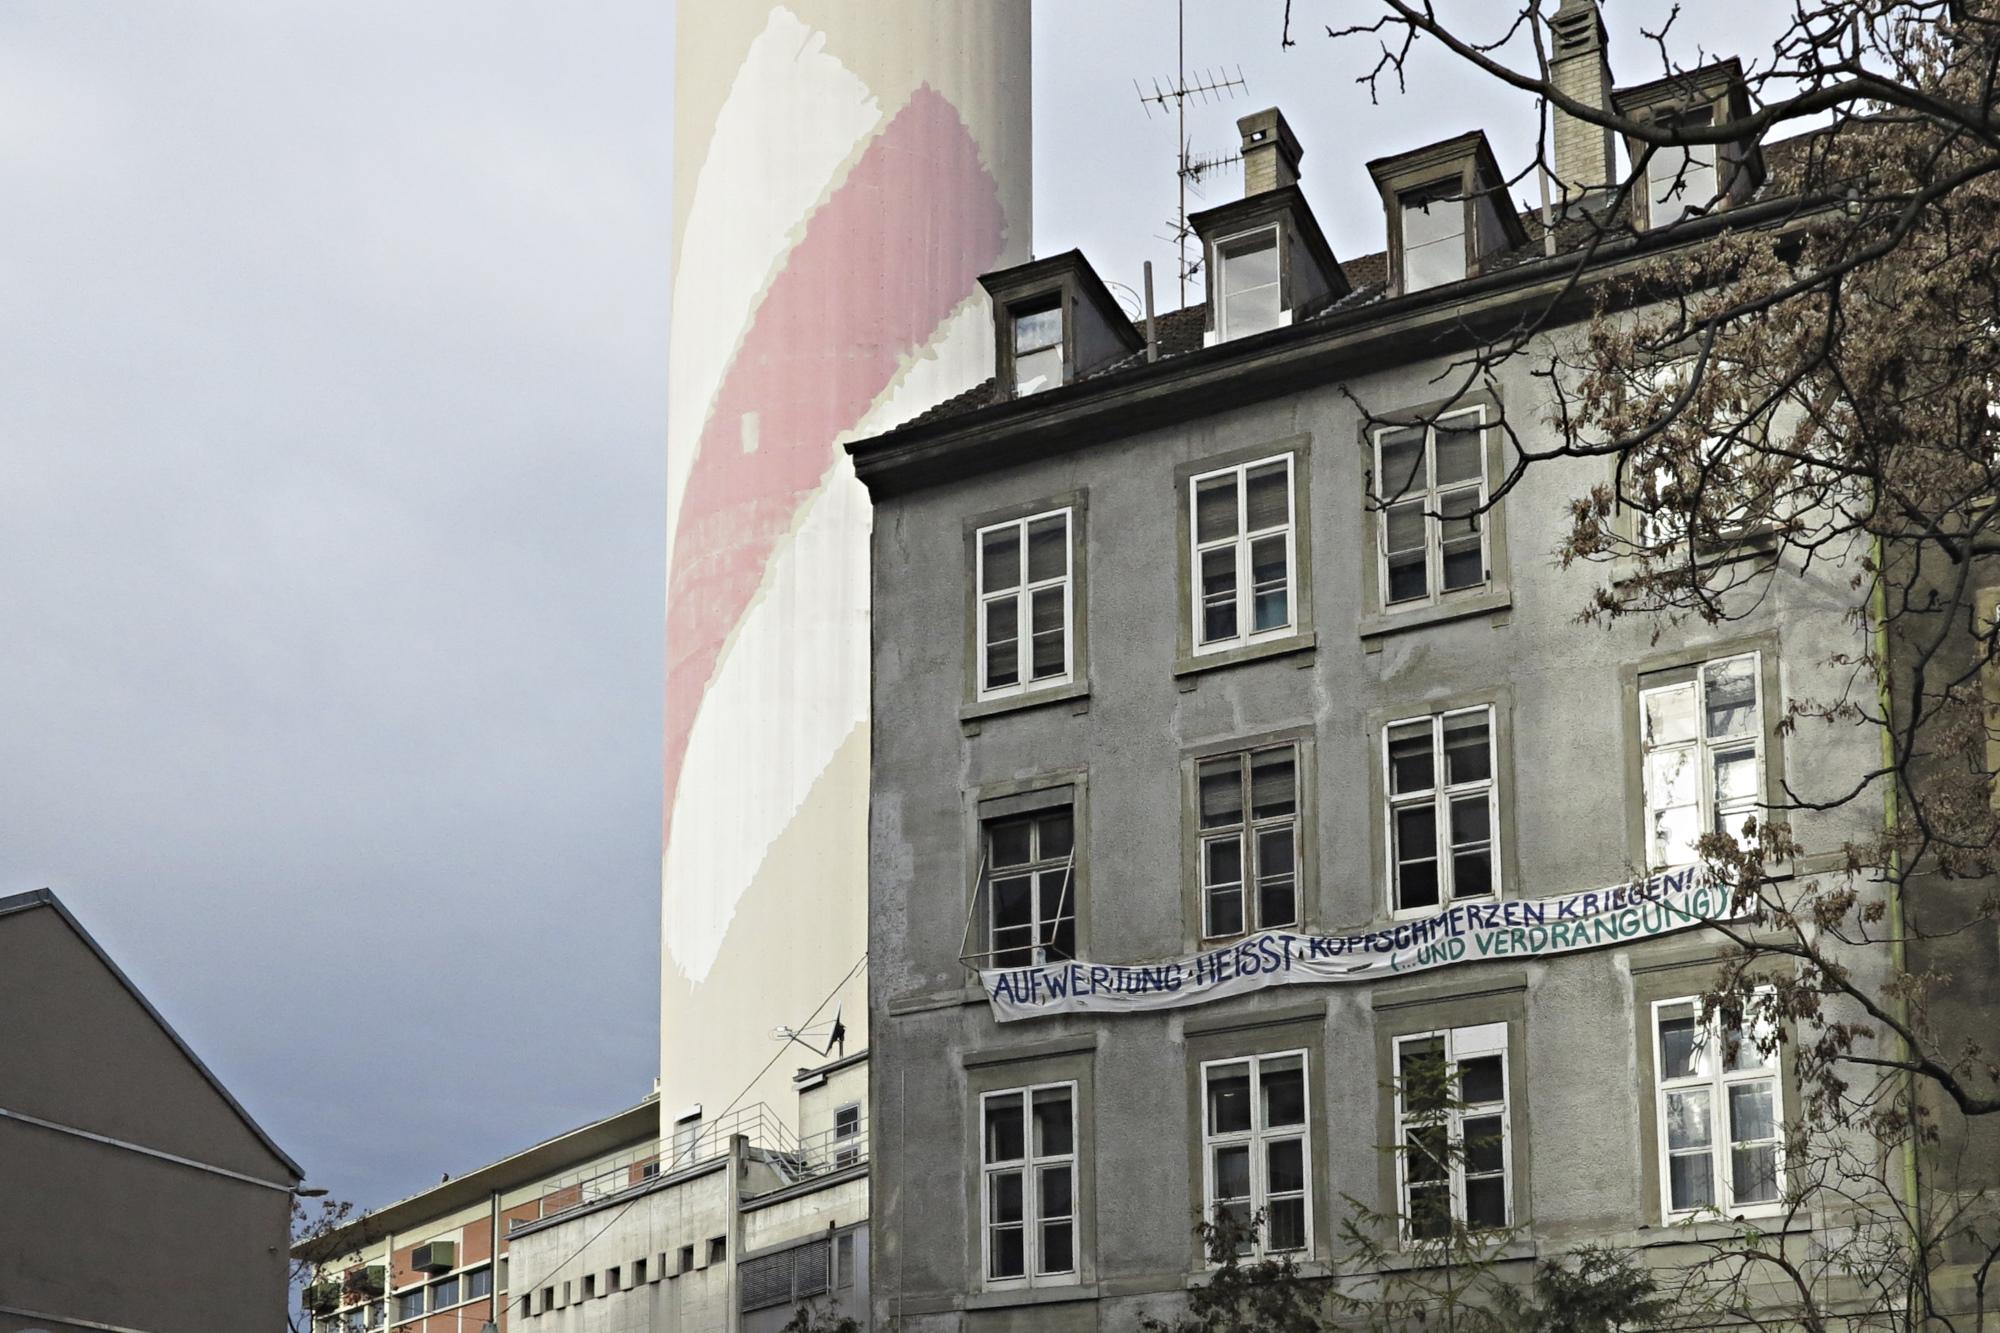 Die Häuser an der Wasserstrasse wurden seit Jahrzehnten nicht renoviert. Das soll sich mit der Übernahme durch die Wohngenossenschaft Gnischter ändern.